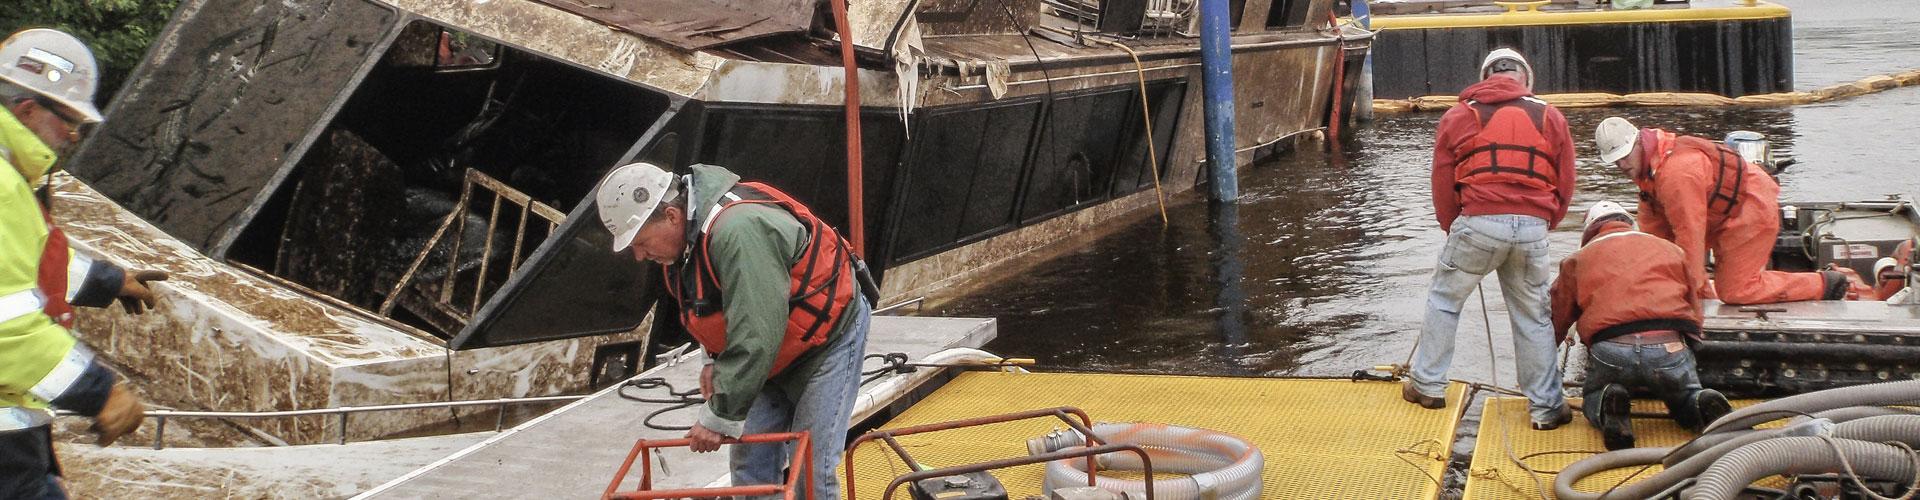 salvage, salvage divers, underwater salvage, dive contractor